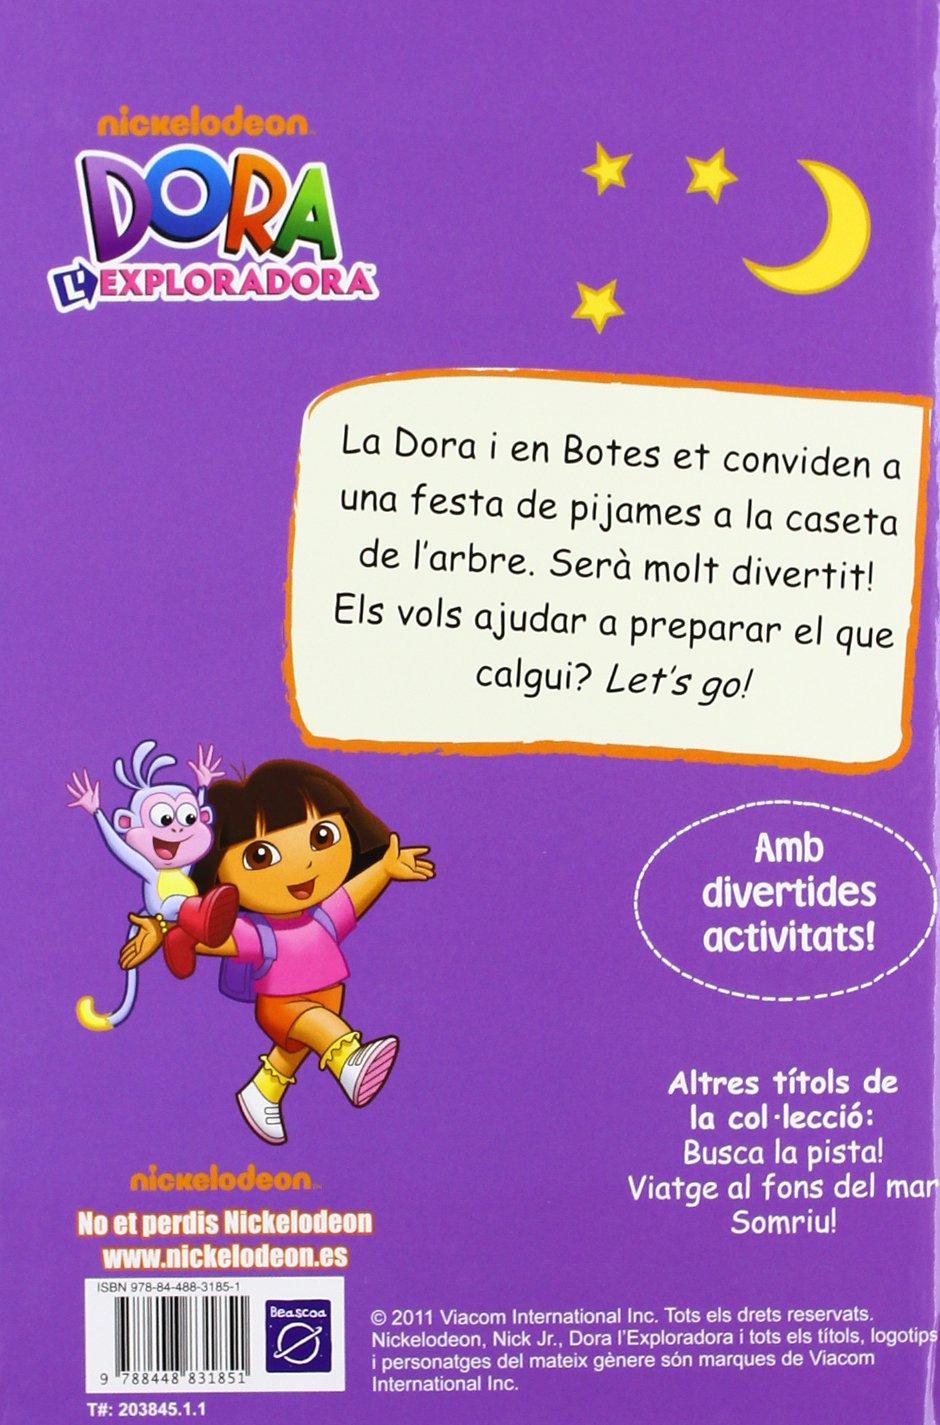 Festa de pijames (Dora lexploradora. Pictogrames): Amazon.es: Nickelodeon, MYR Servicios Editoriales S.L.;: Libros